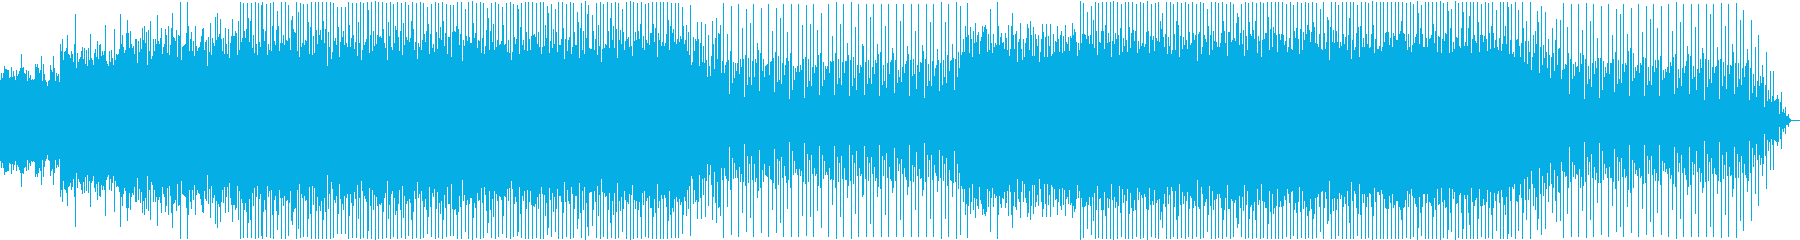 夜を駆けるような80'sシンセポップ 1の再生済みの波形